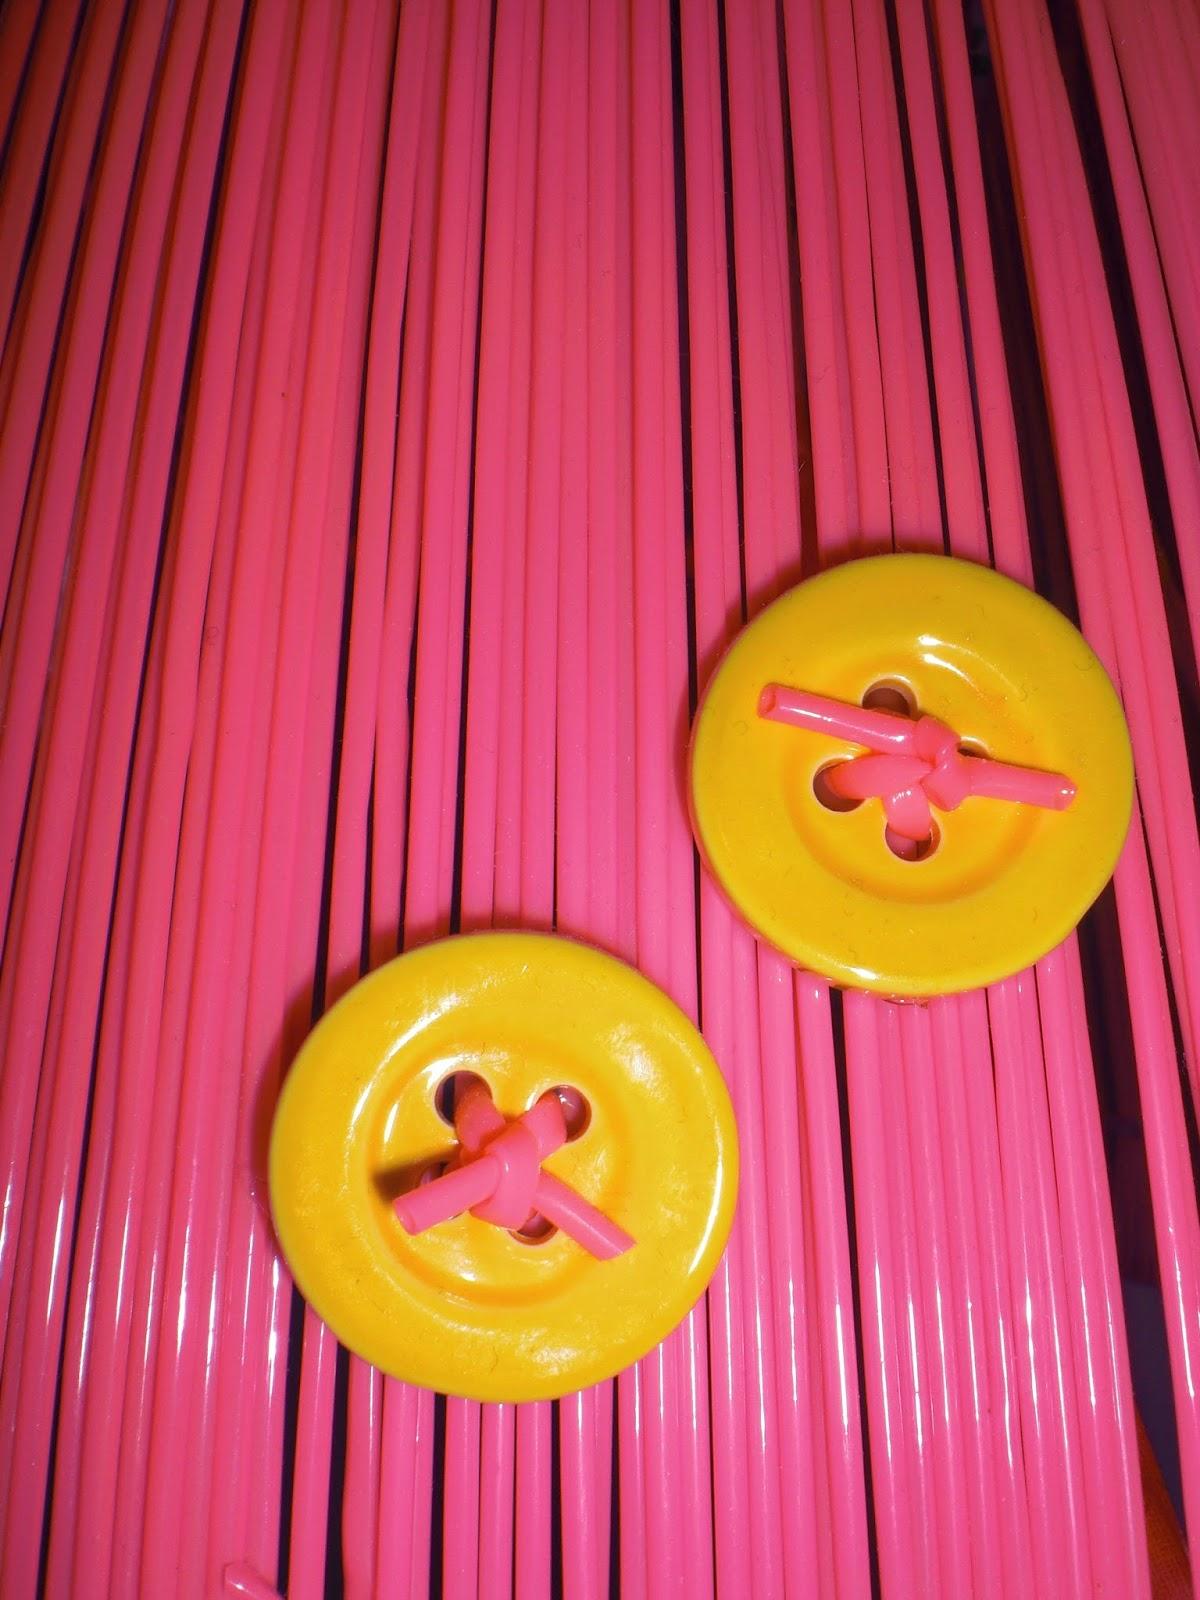 Neonpink lampeskærm med gule knapper.